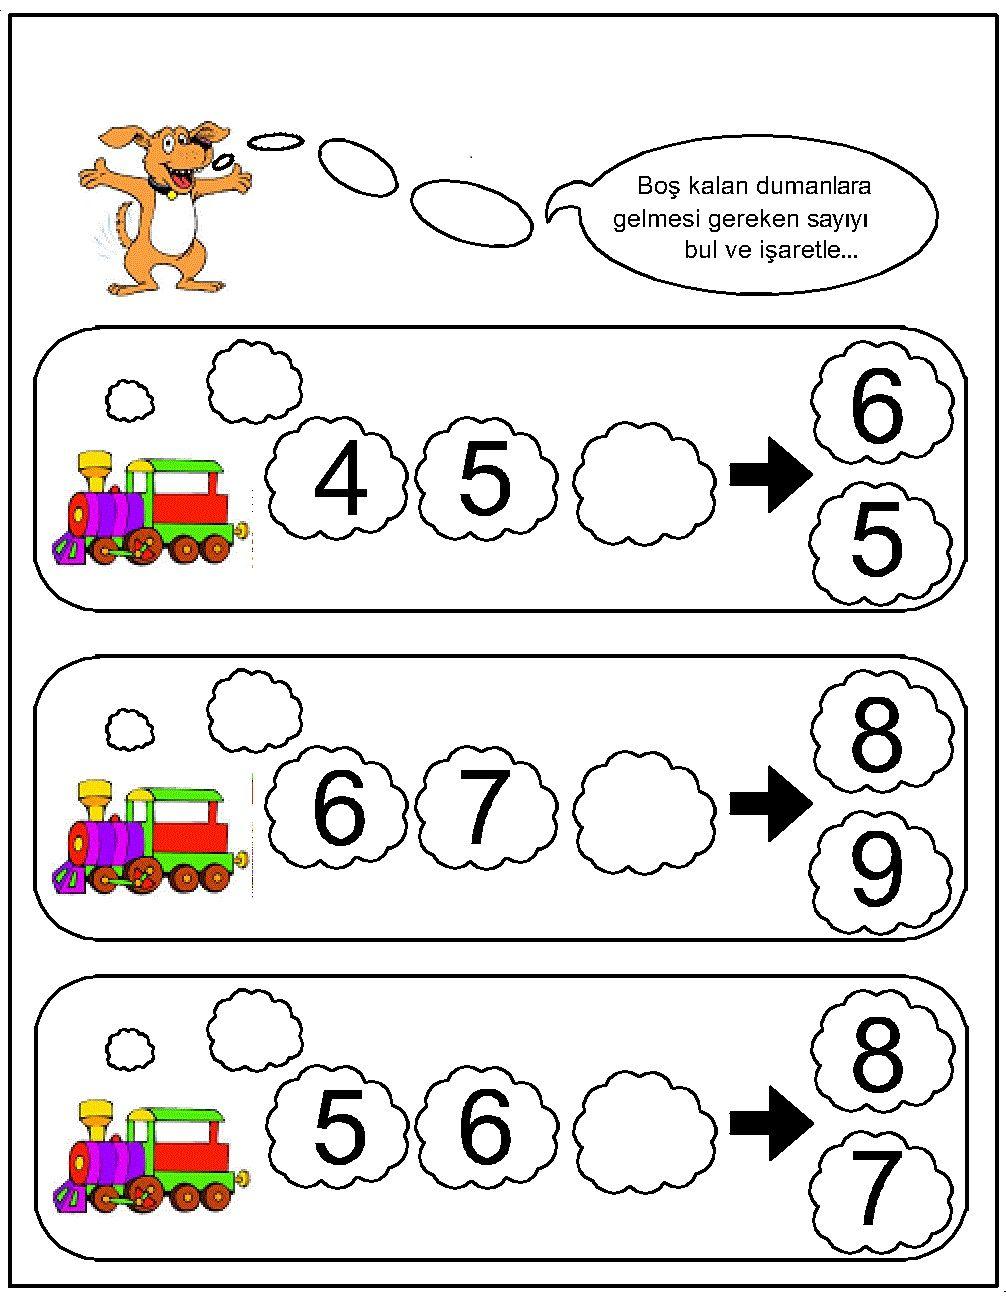 Missing Number Worksheet For Kids 19 Missing Number Worksheets Number Worksheets Free Preschool Worksheets